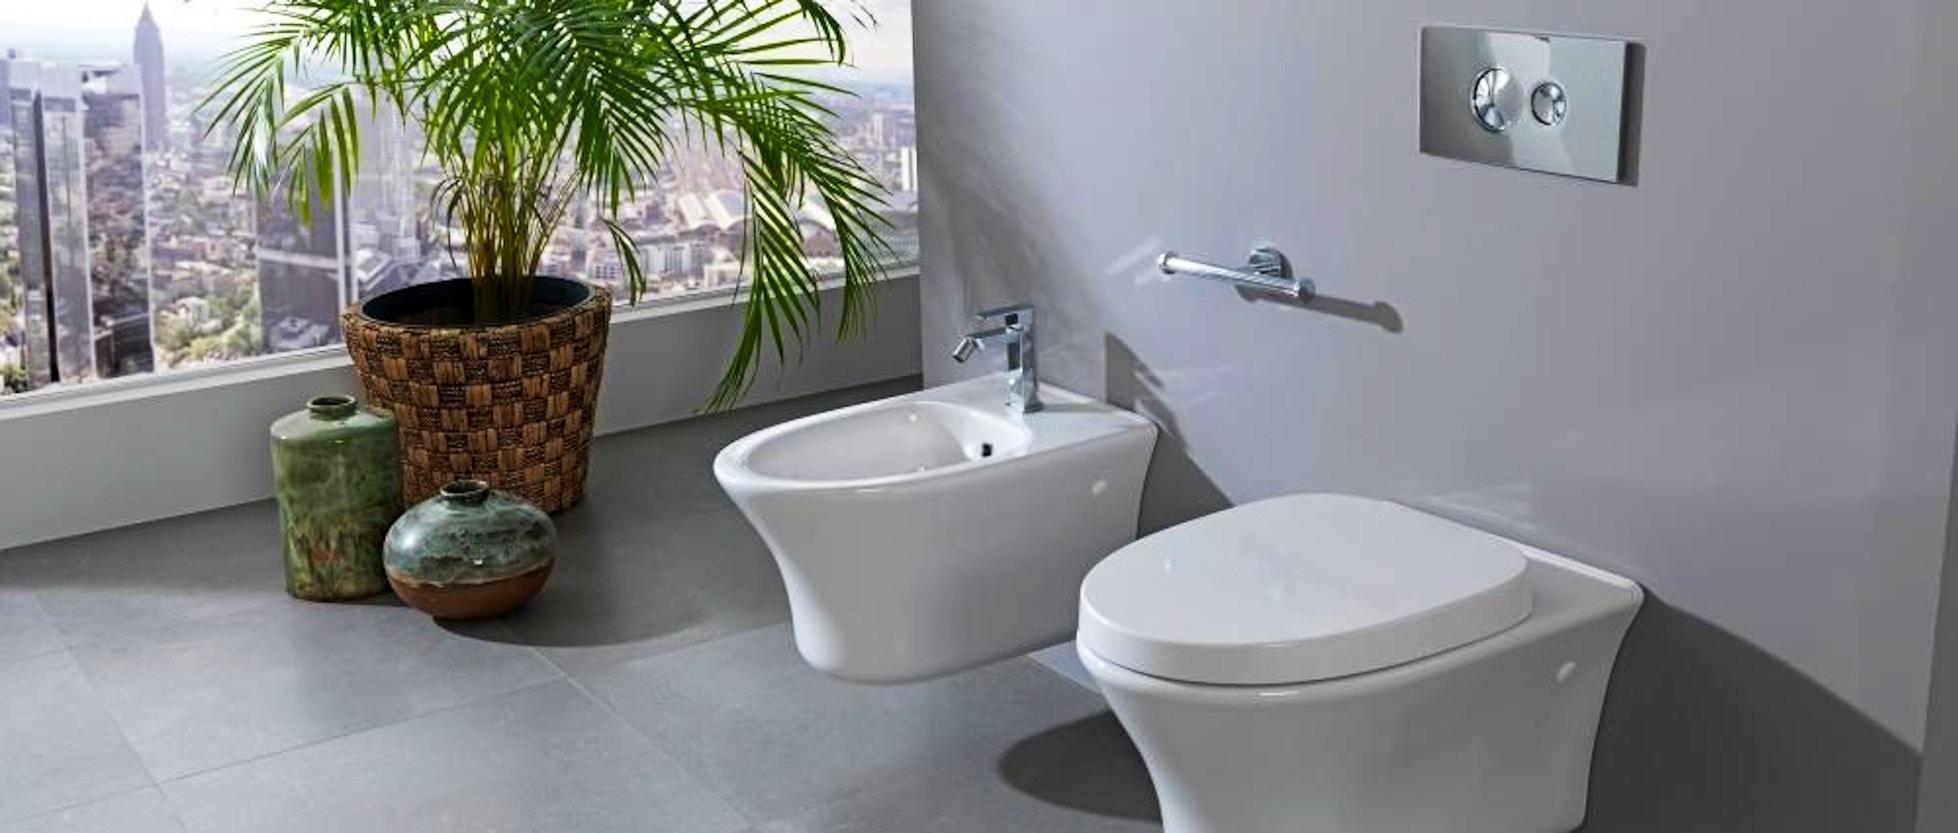 5 hotel a parigi che hanno il bagno con bidet - Cinque terre dove fare il bagno ...